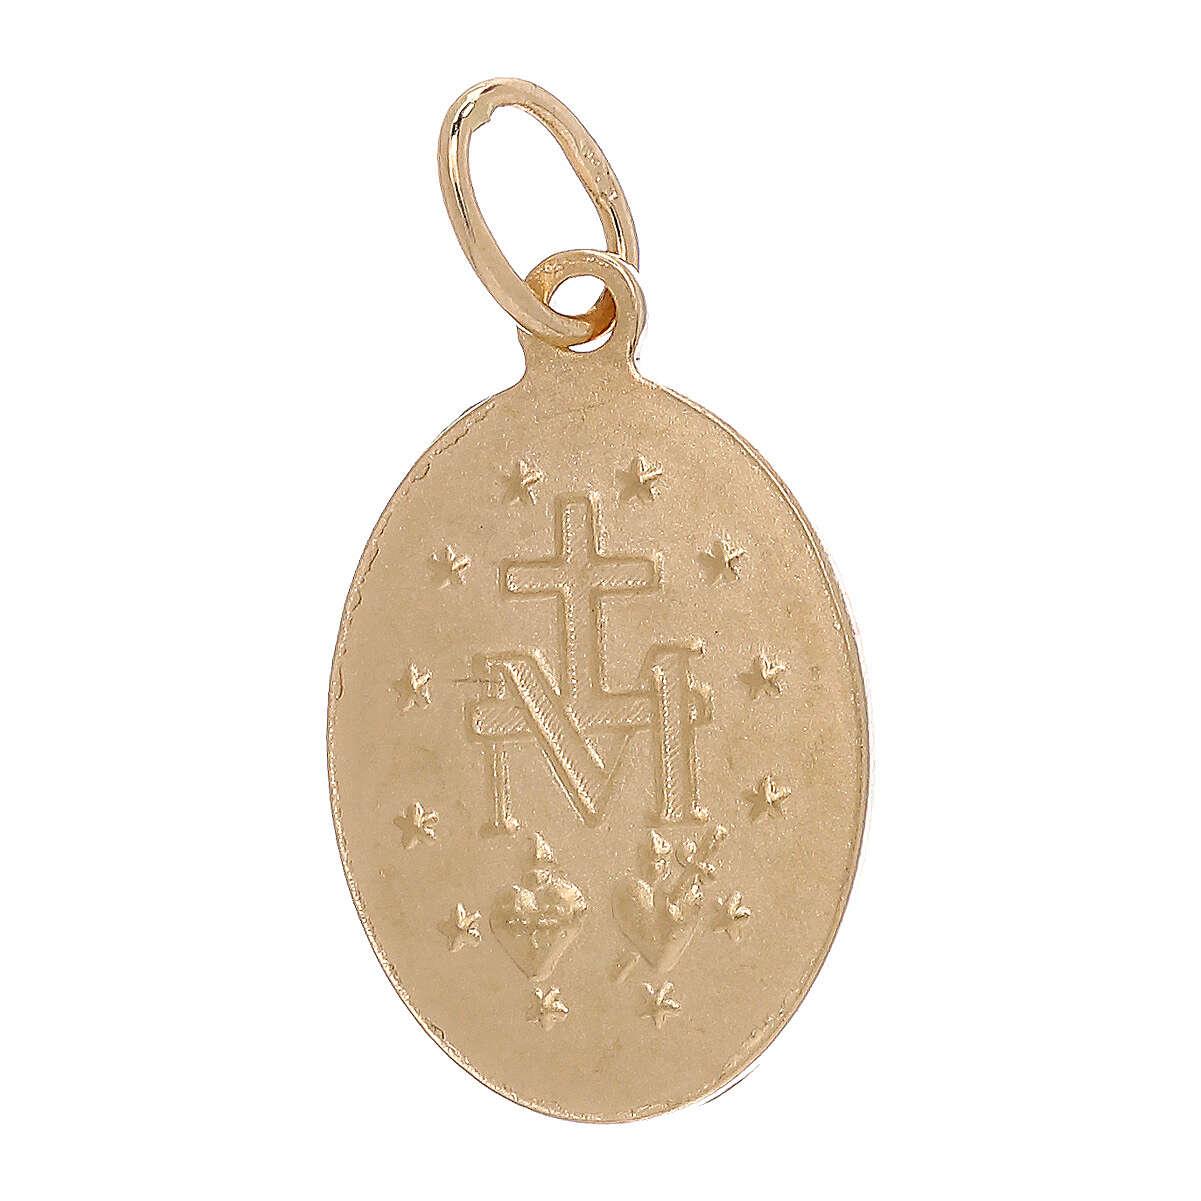 Pendente Medaglia Miracolosa oro giallo 18 carati 1,8 grammi 4